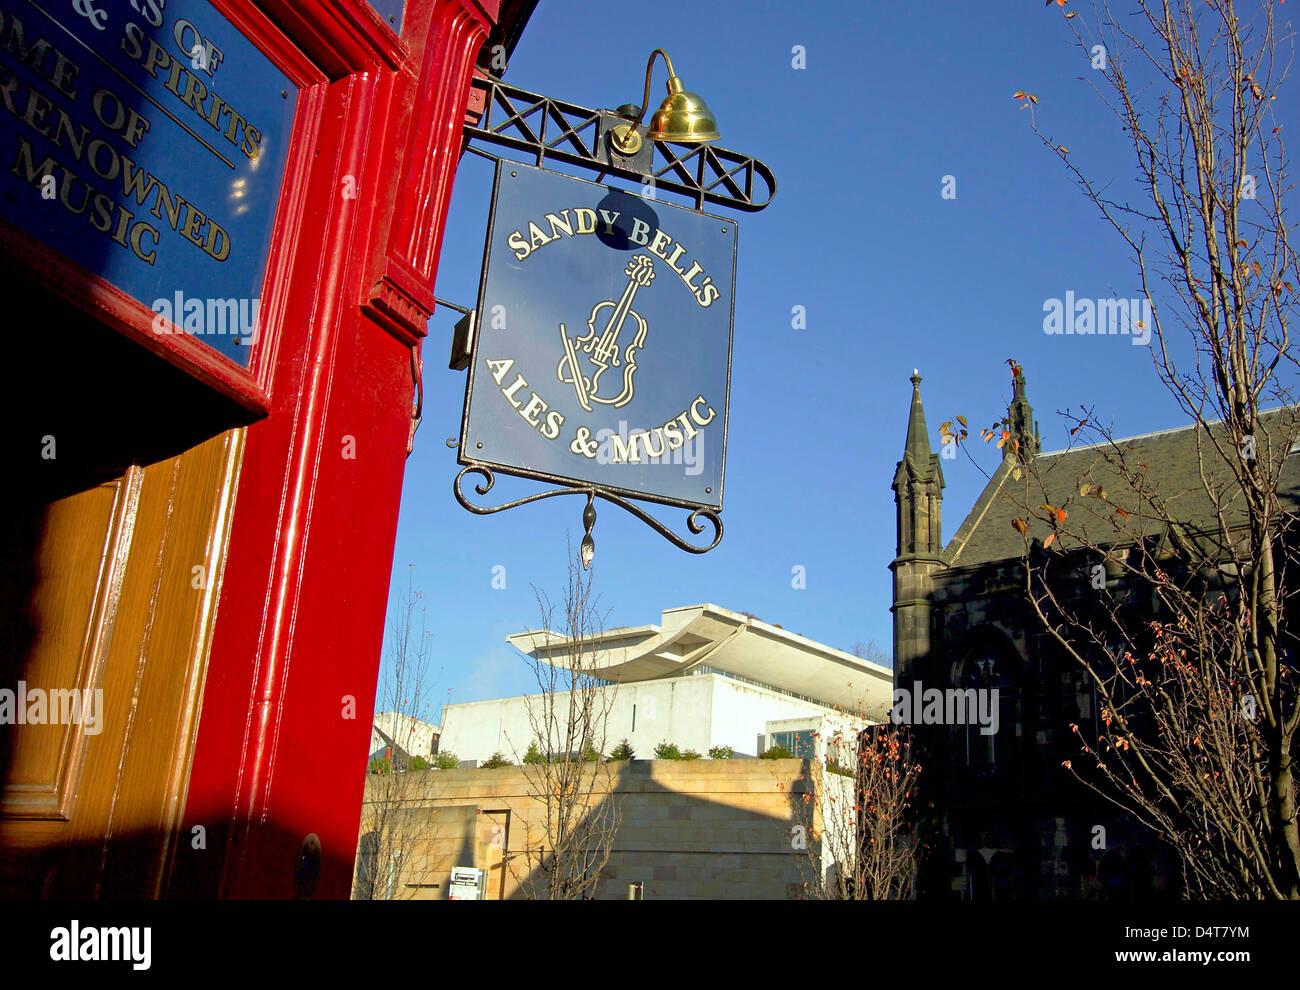 sandy bells pub sign forrest road - Stock Image